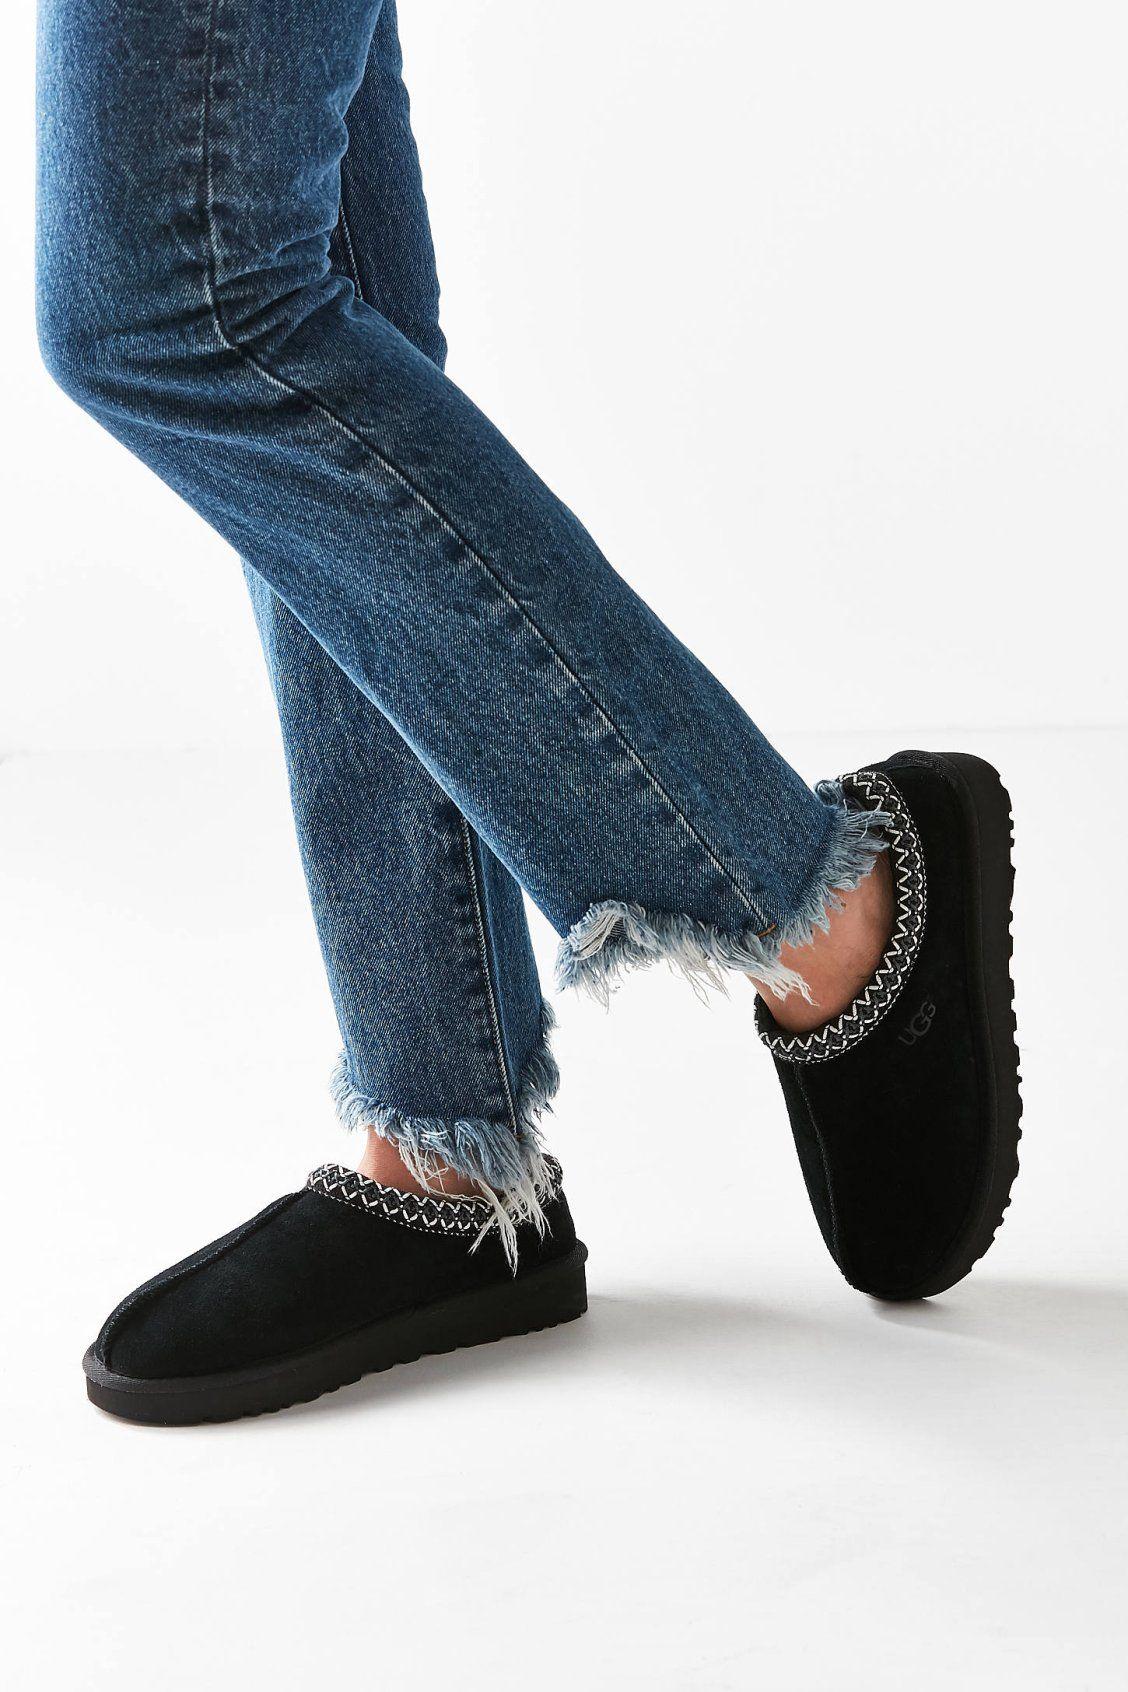 2c82da2b580 UGG Tasman Slipper | New Arrivals | Uggs, Ugg slippers, Slippers